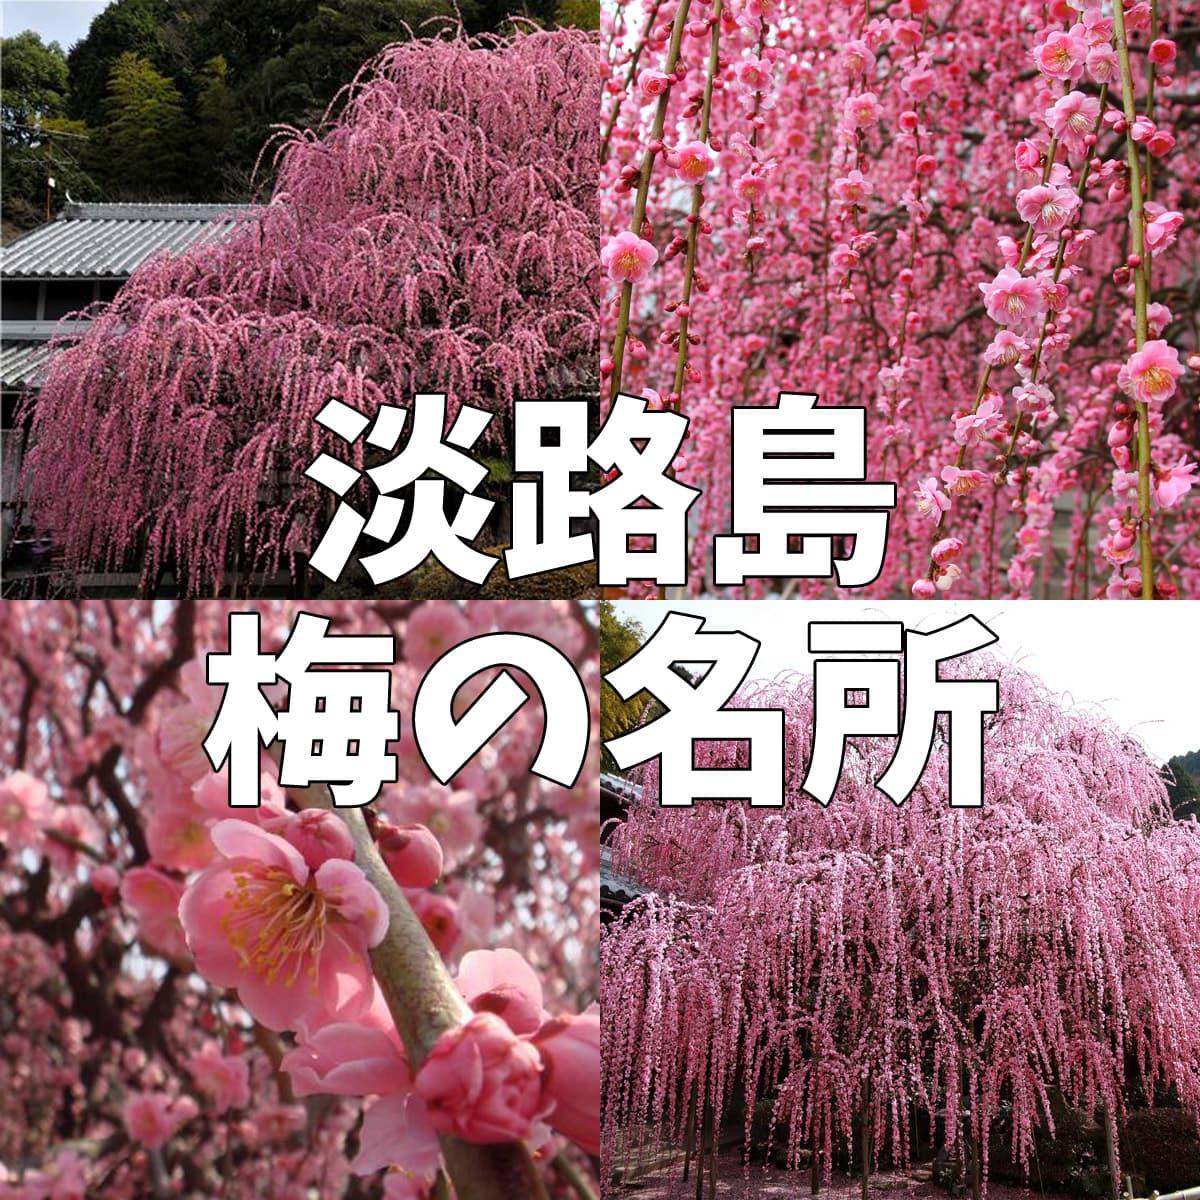 淡路島 梅の名所「八木のしだれ梅」